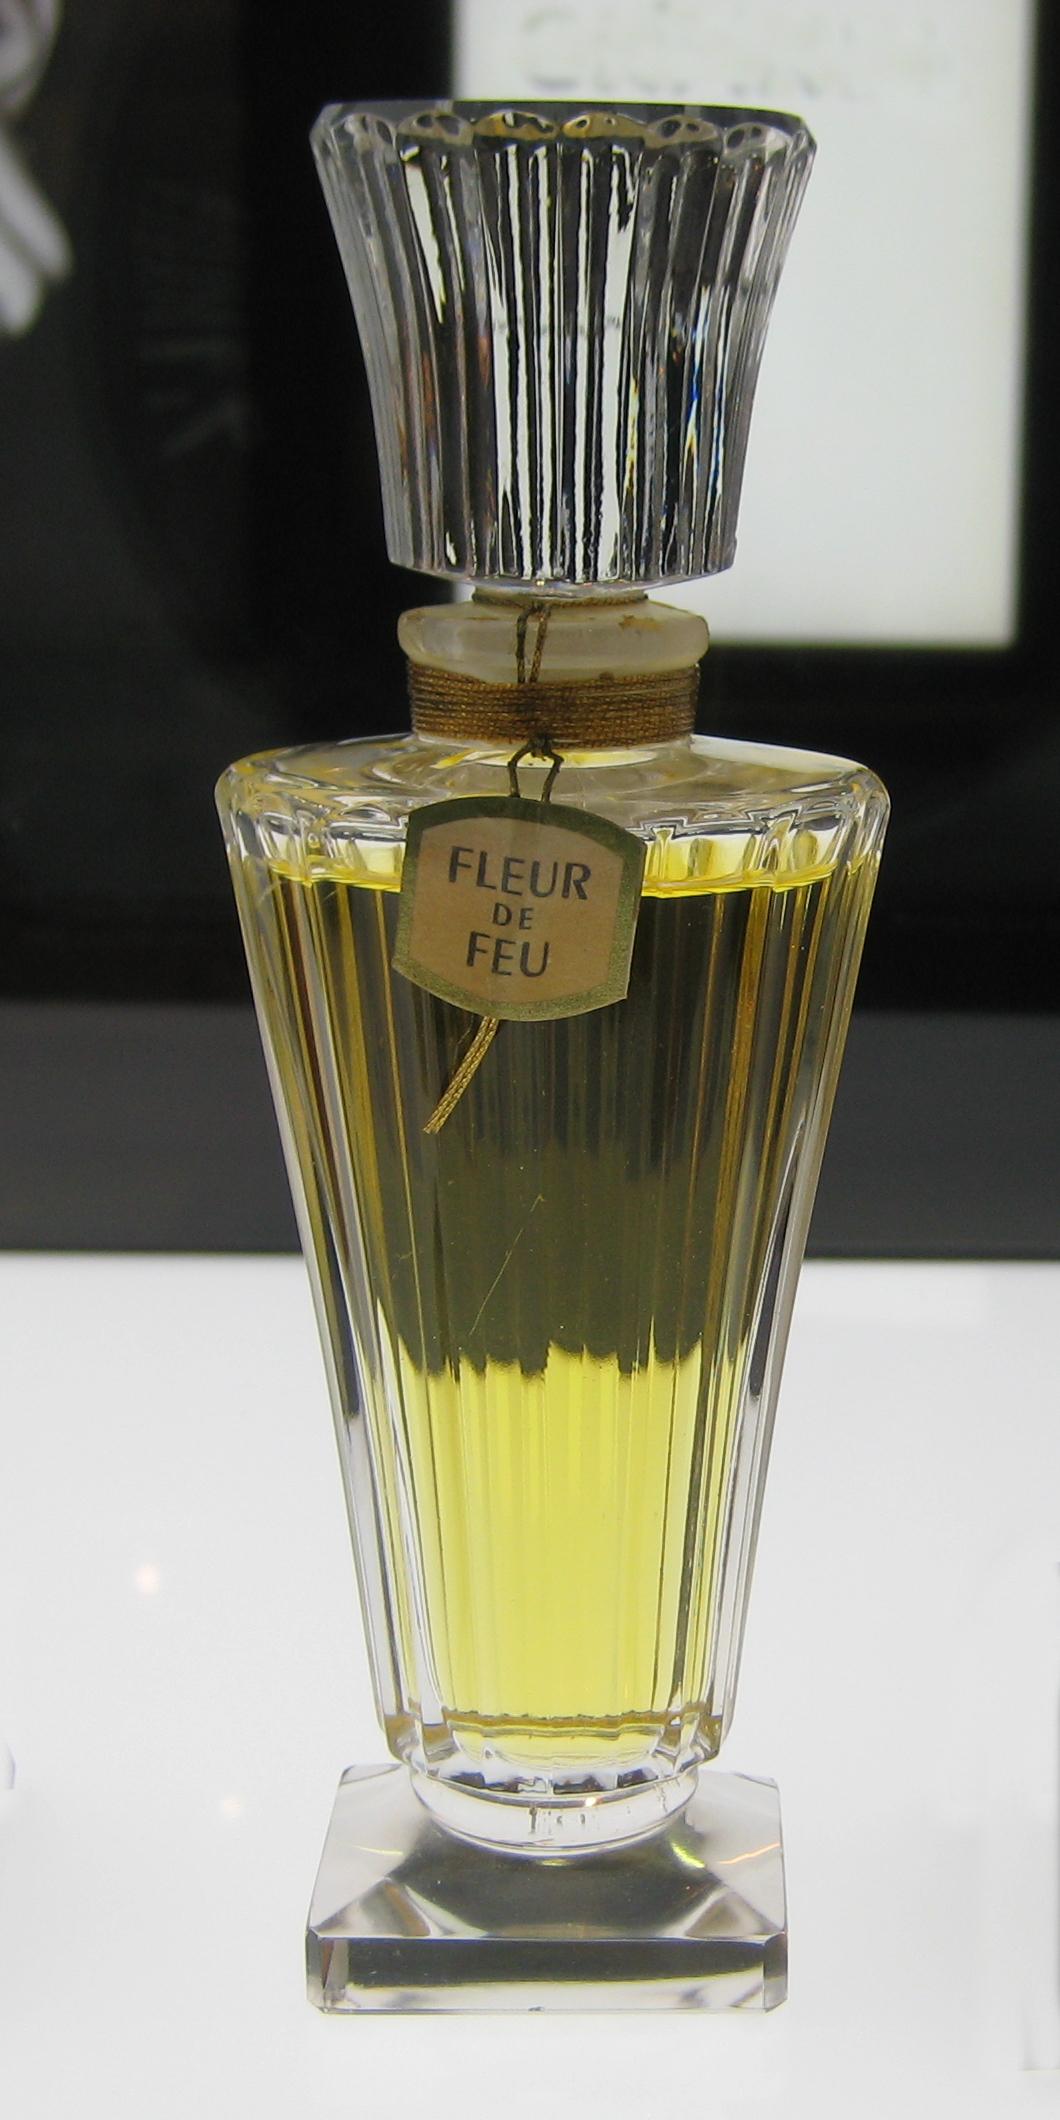 Guerlain_-_Fleur_de_Feu_%281948%29.jpg